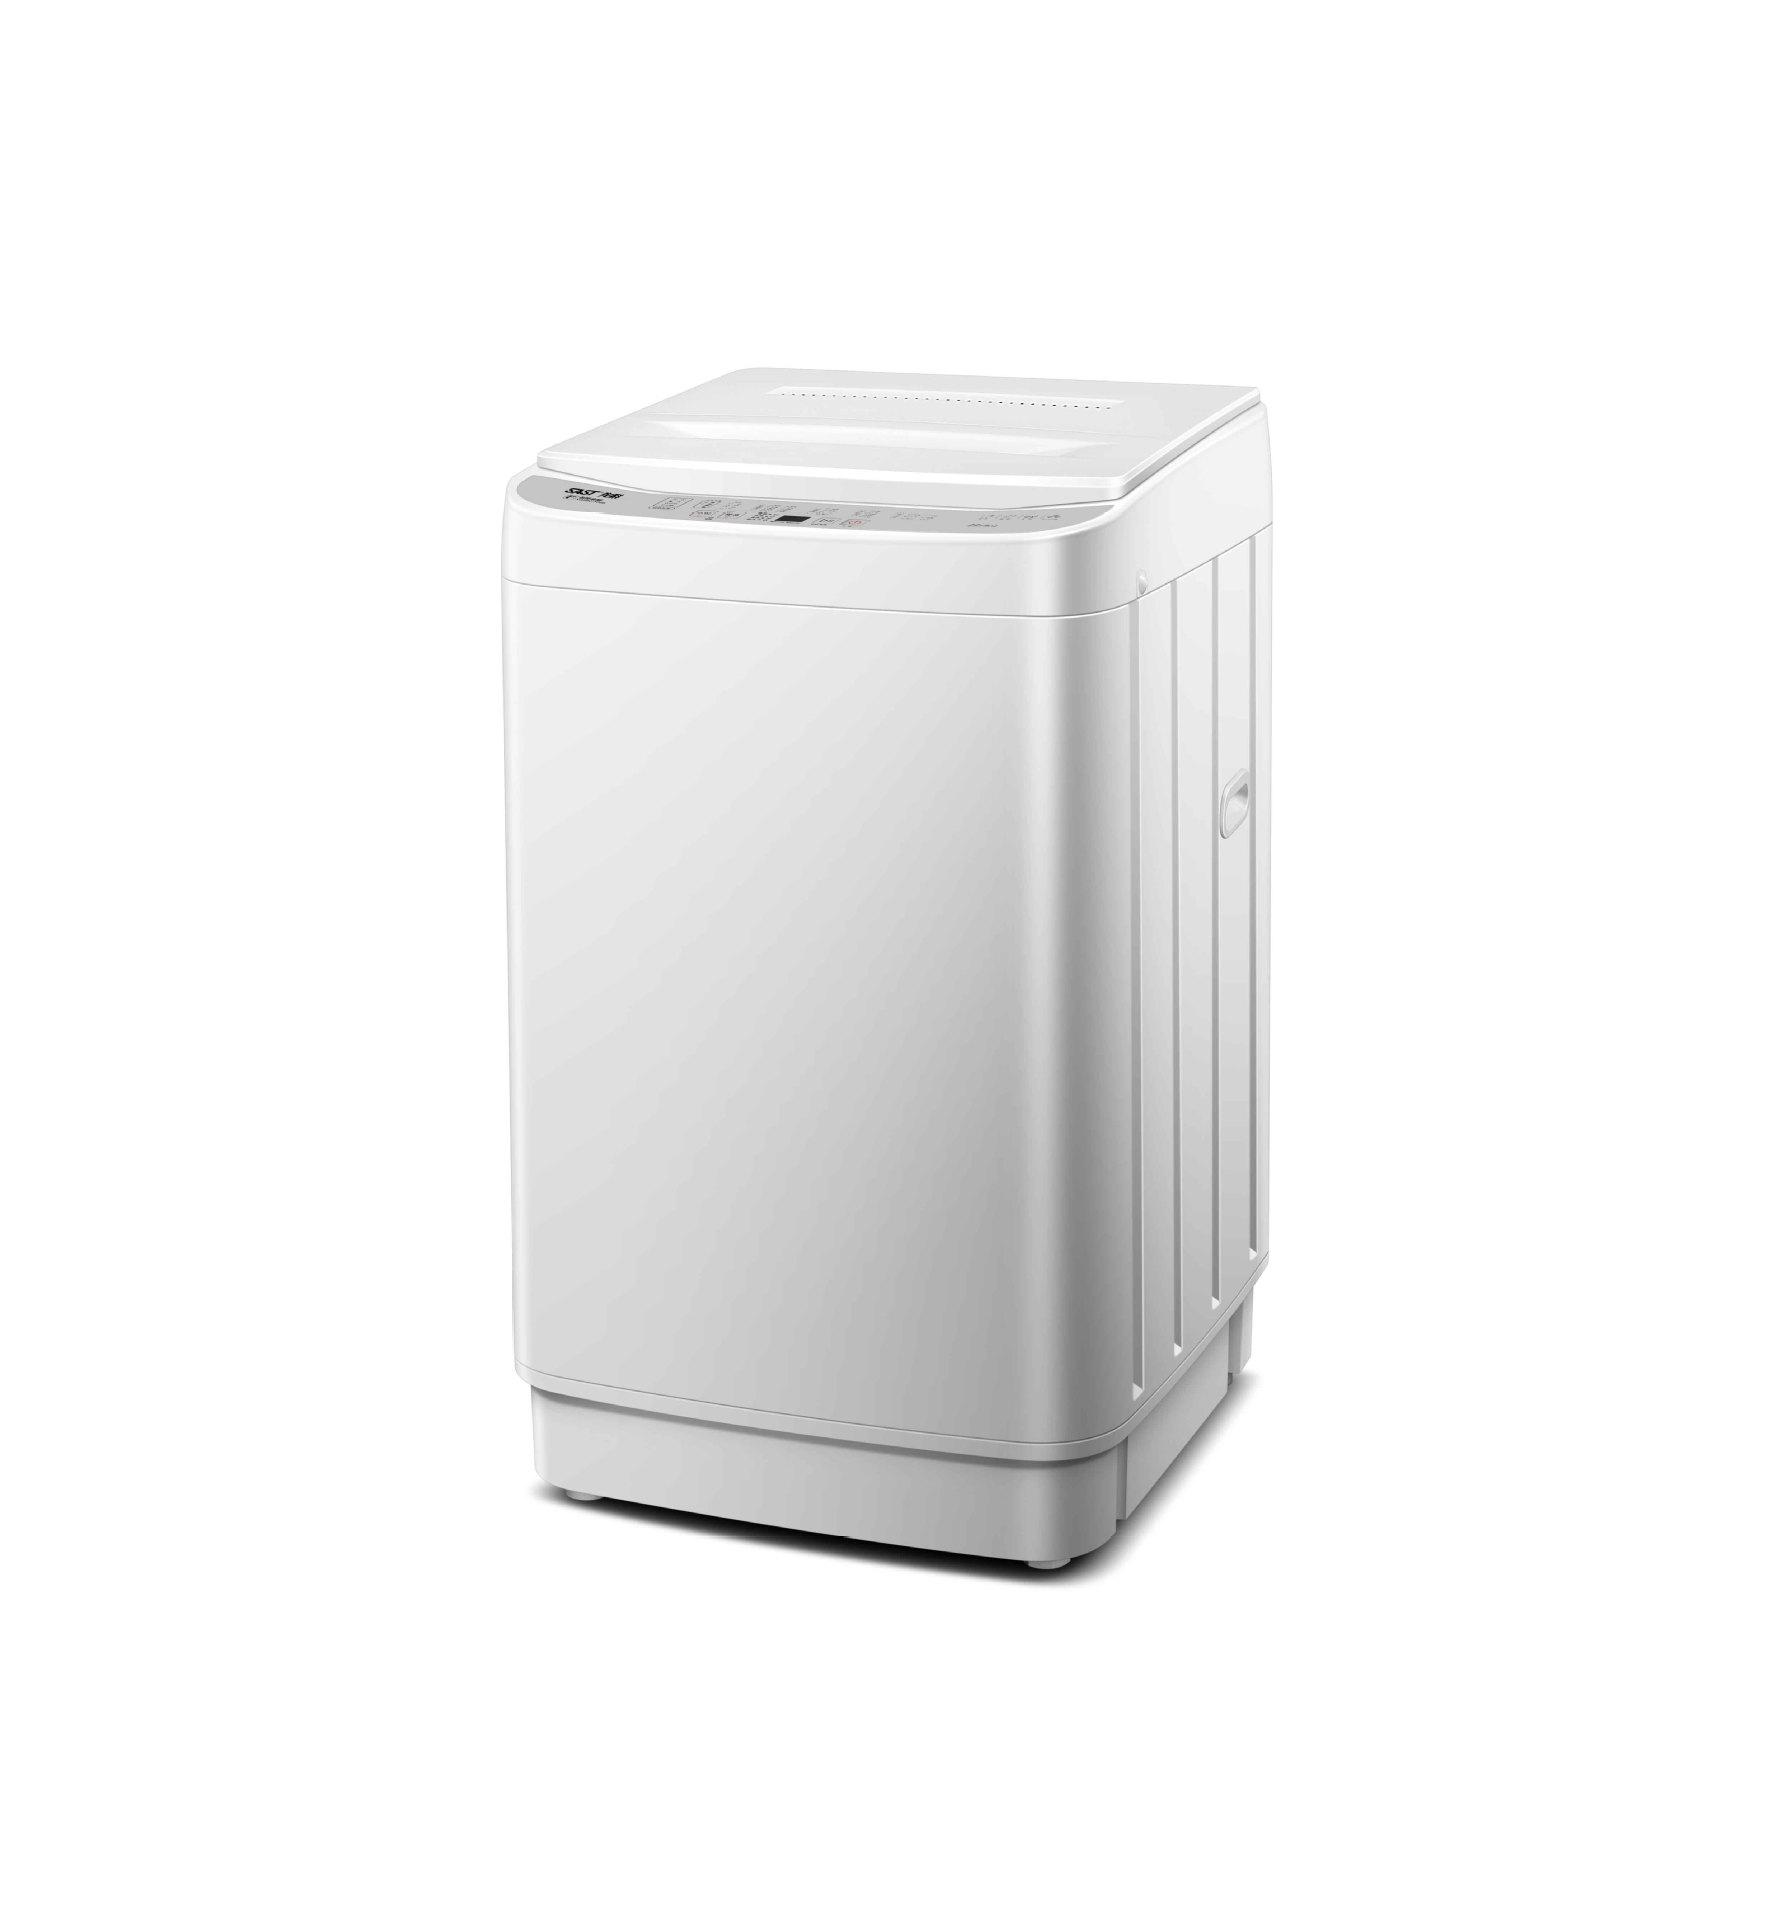 SAST Máy giặt Máy rửa chén tự động tích hợp SAST / Xianke XQB85-A5 8,5kg tích hợp máy giặt tự động k